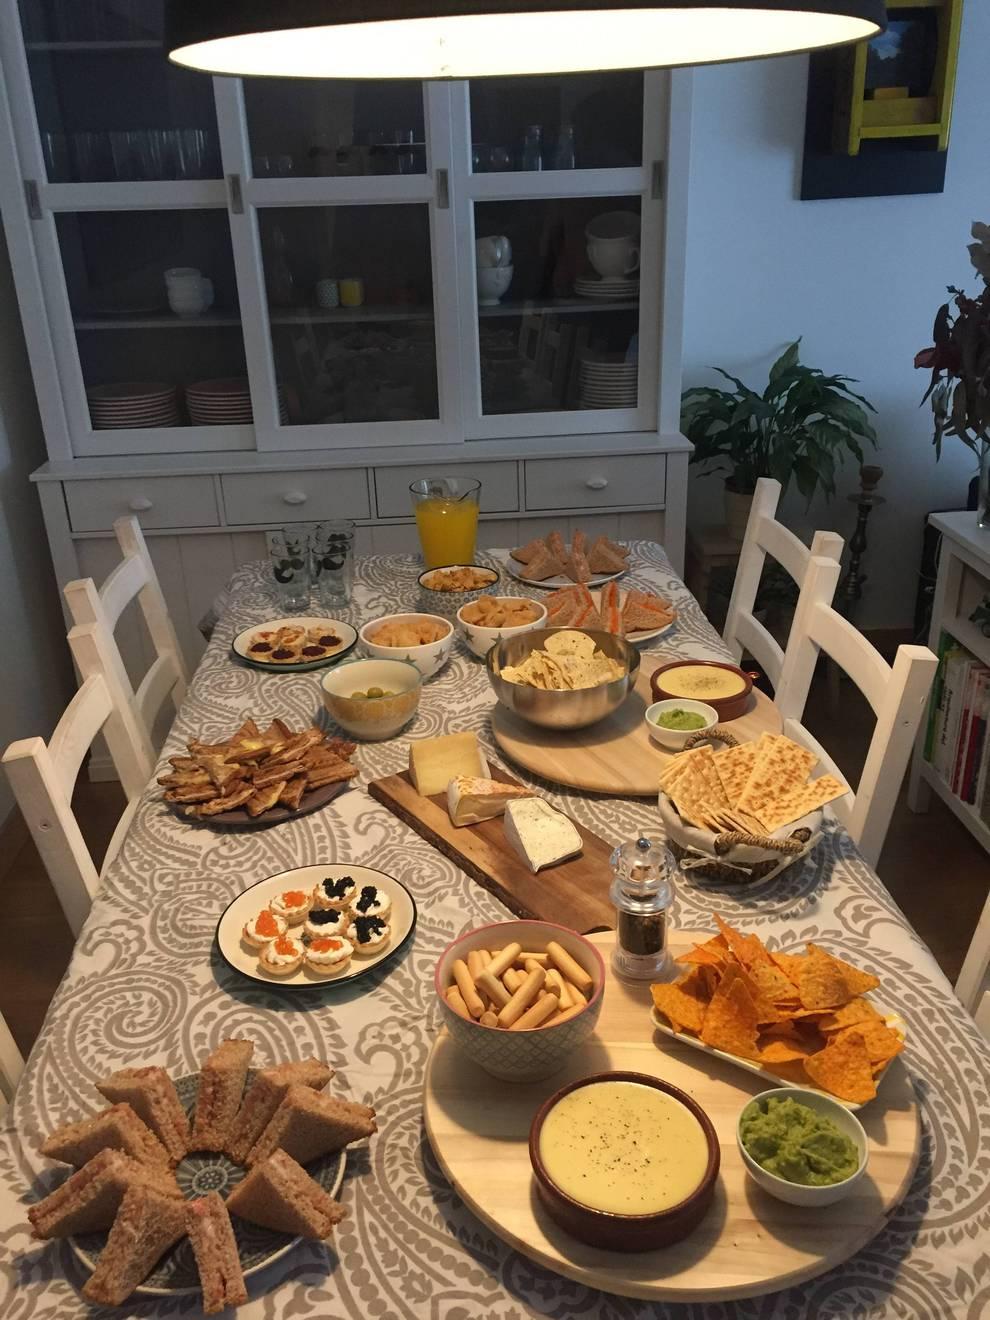 Trucos para hacer una merienda en casa y triunfar noticias de gastronom a en diario de navarra - Comidas para cumpleanos en casa ...